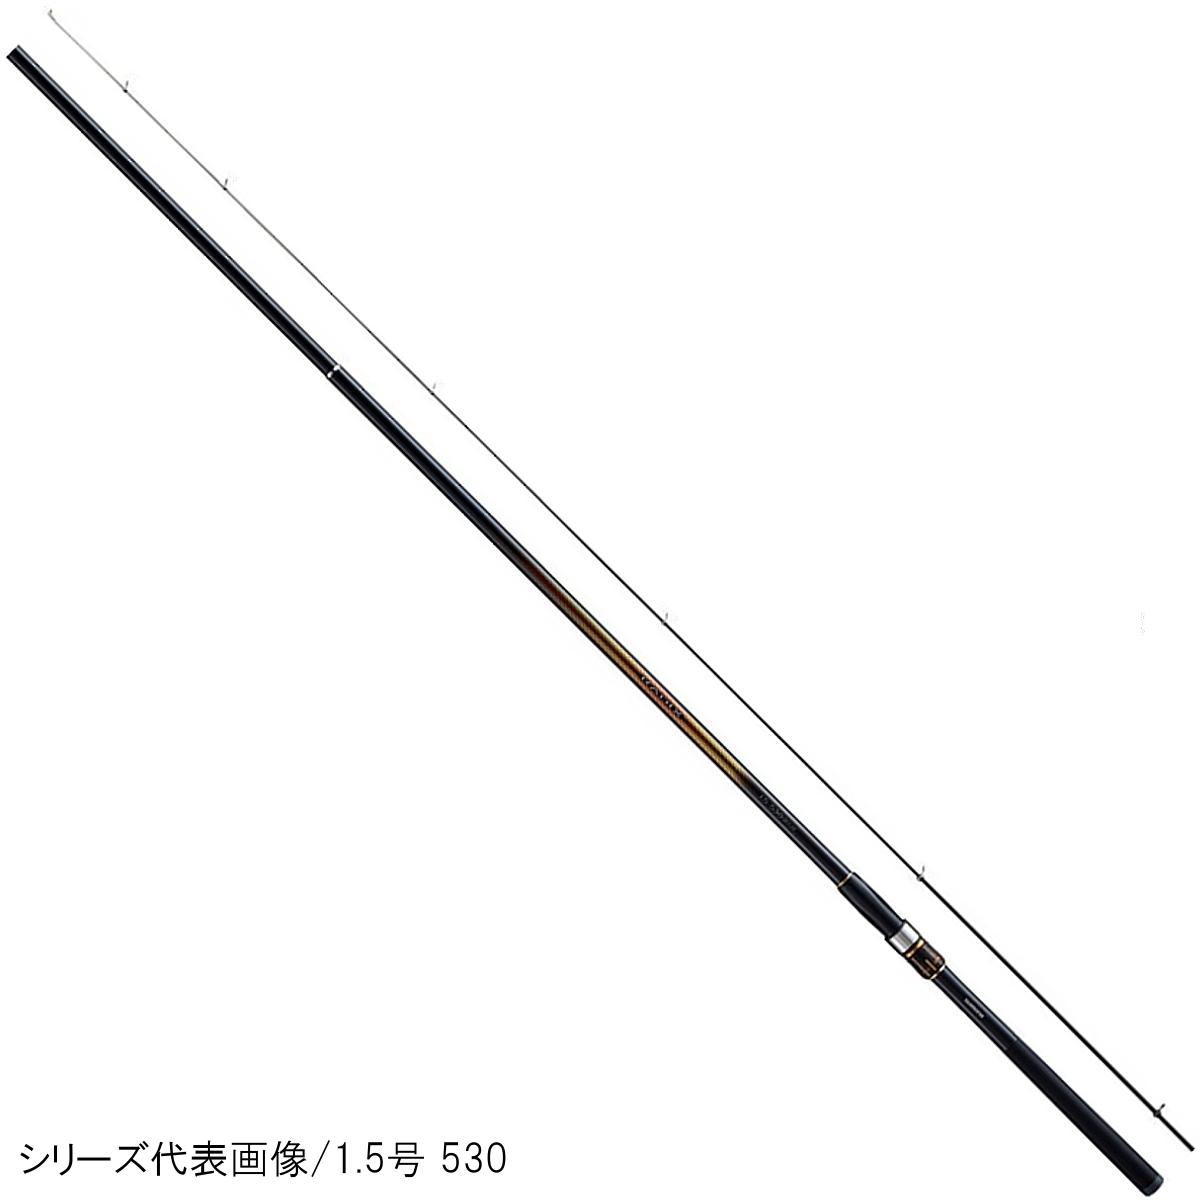 シマノ ラディックス 1号 530【送料無料】